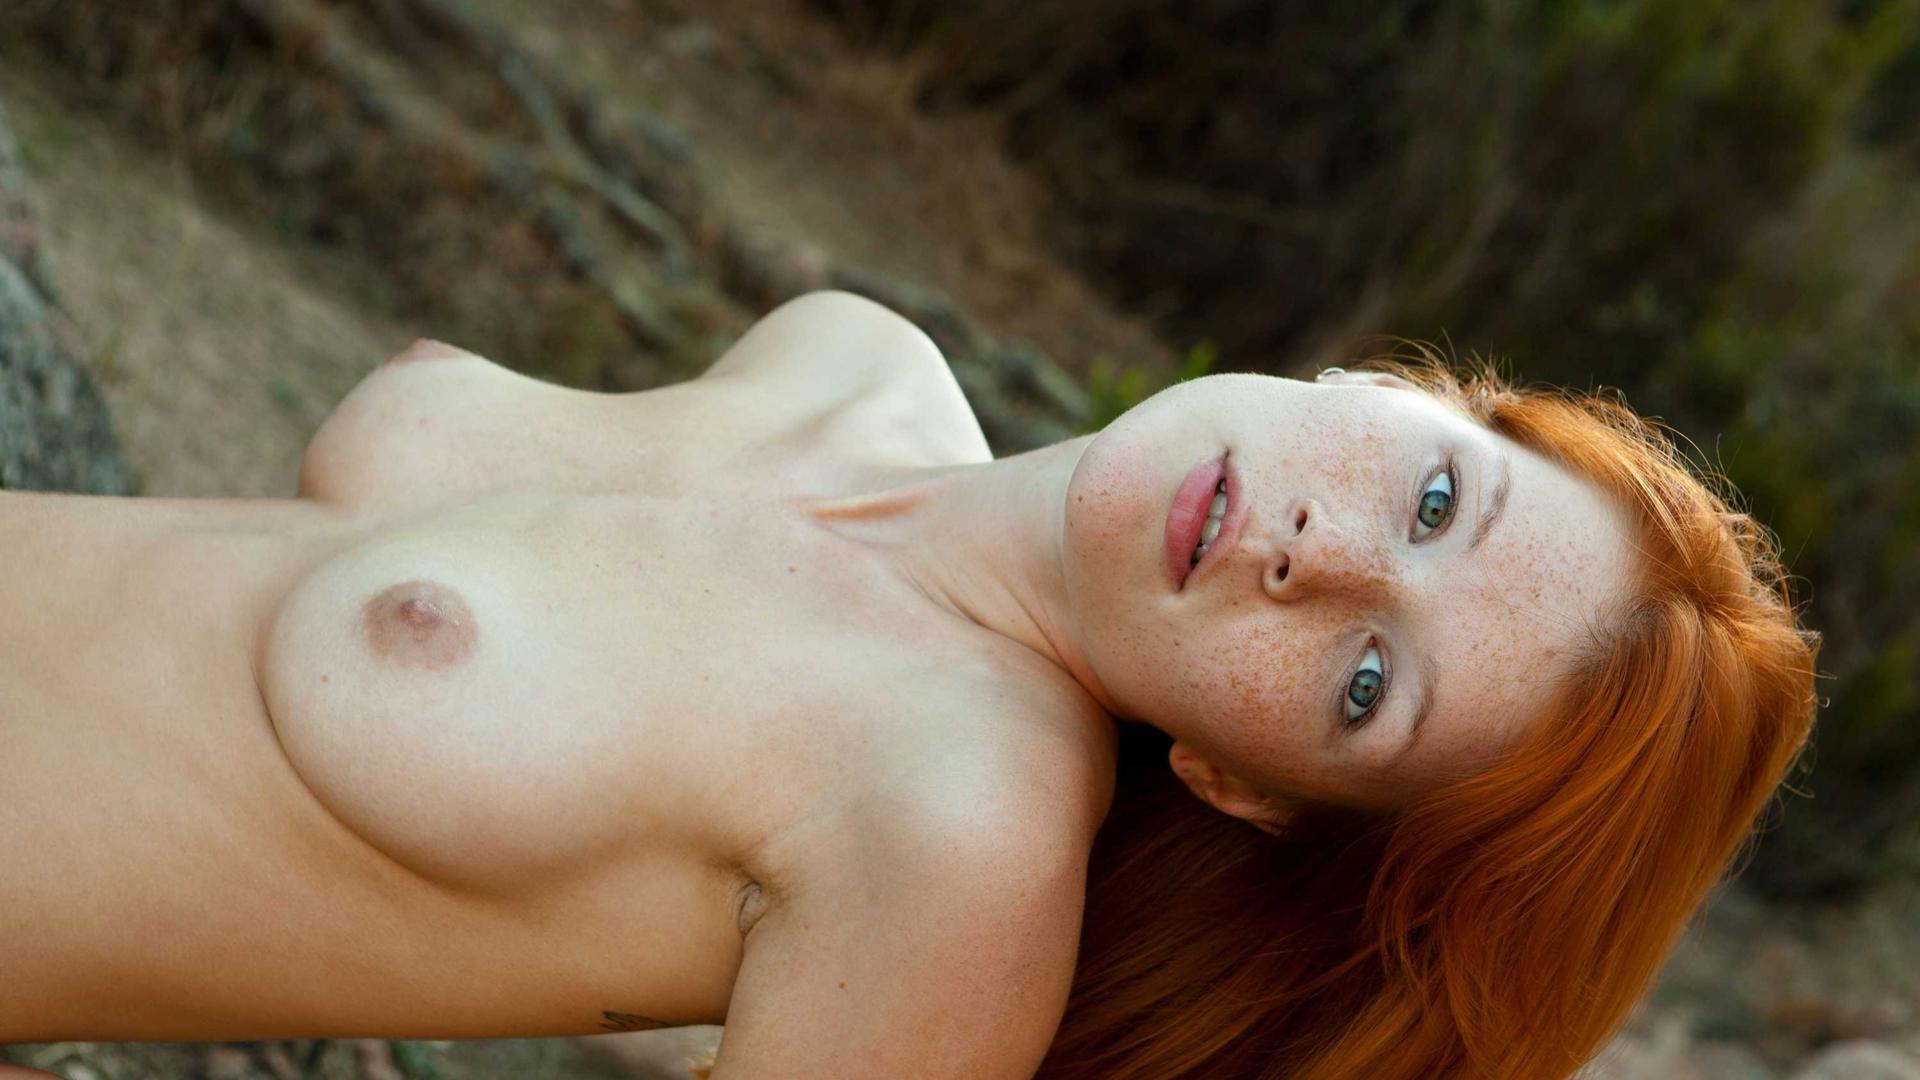 girls seeking sex teacher photo ads